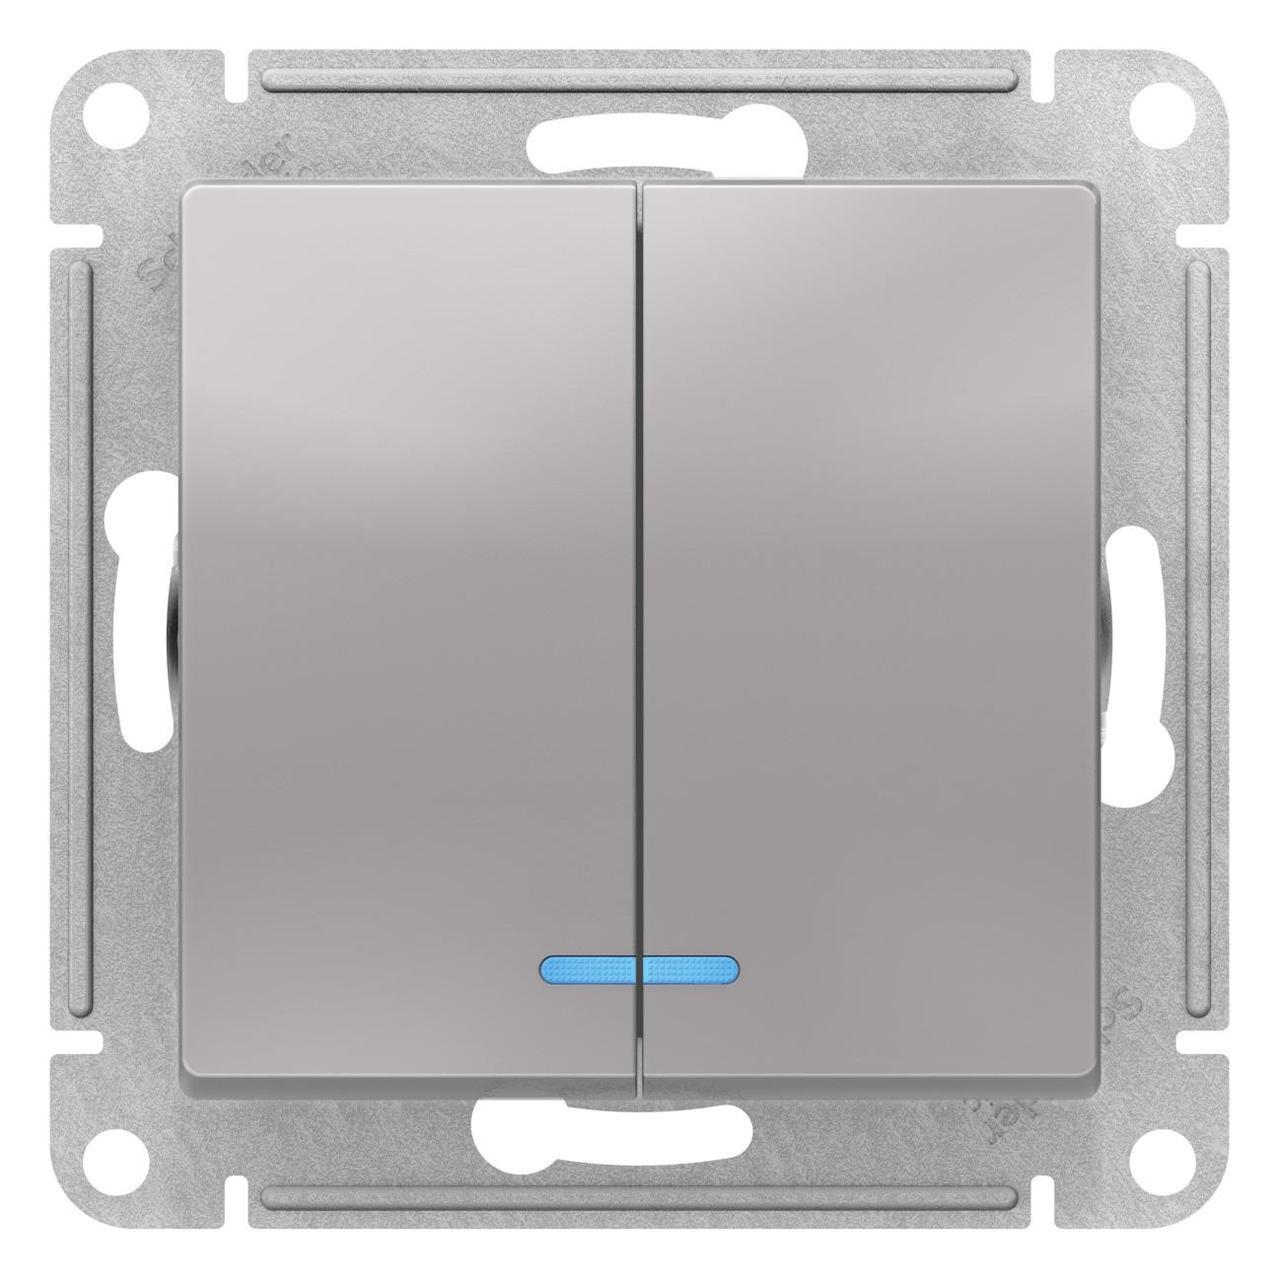 Выключатель 2-клавишный , с подсветкой , Алюминий, серия Atlas Design, Schneider Electric